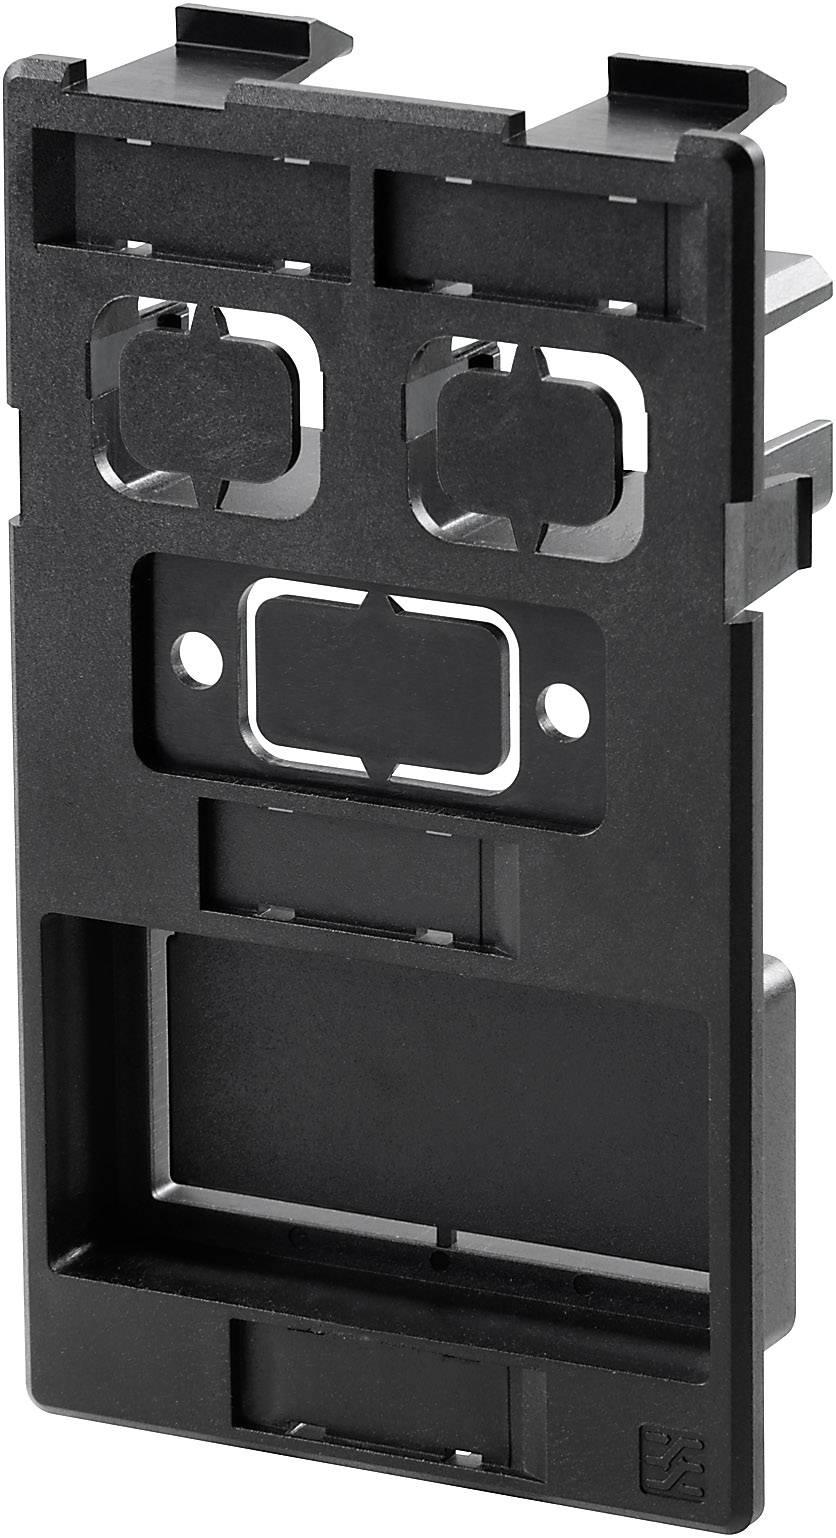 FrontCom® Vario použití desky, stíněný 1x Power, 2x, 1x signální IE-FC-SP-PWS/2ST/1D9 Weidmüller Množství: 1 ks